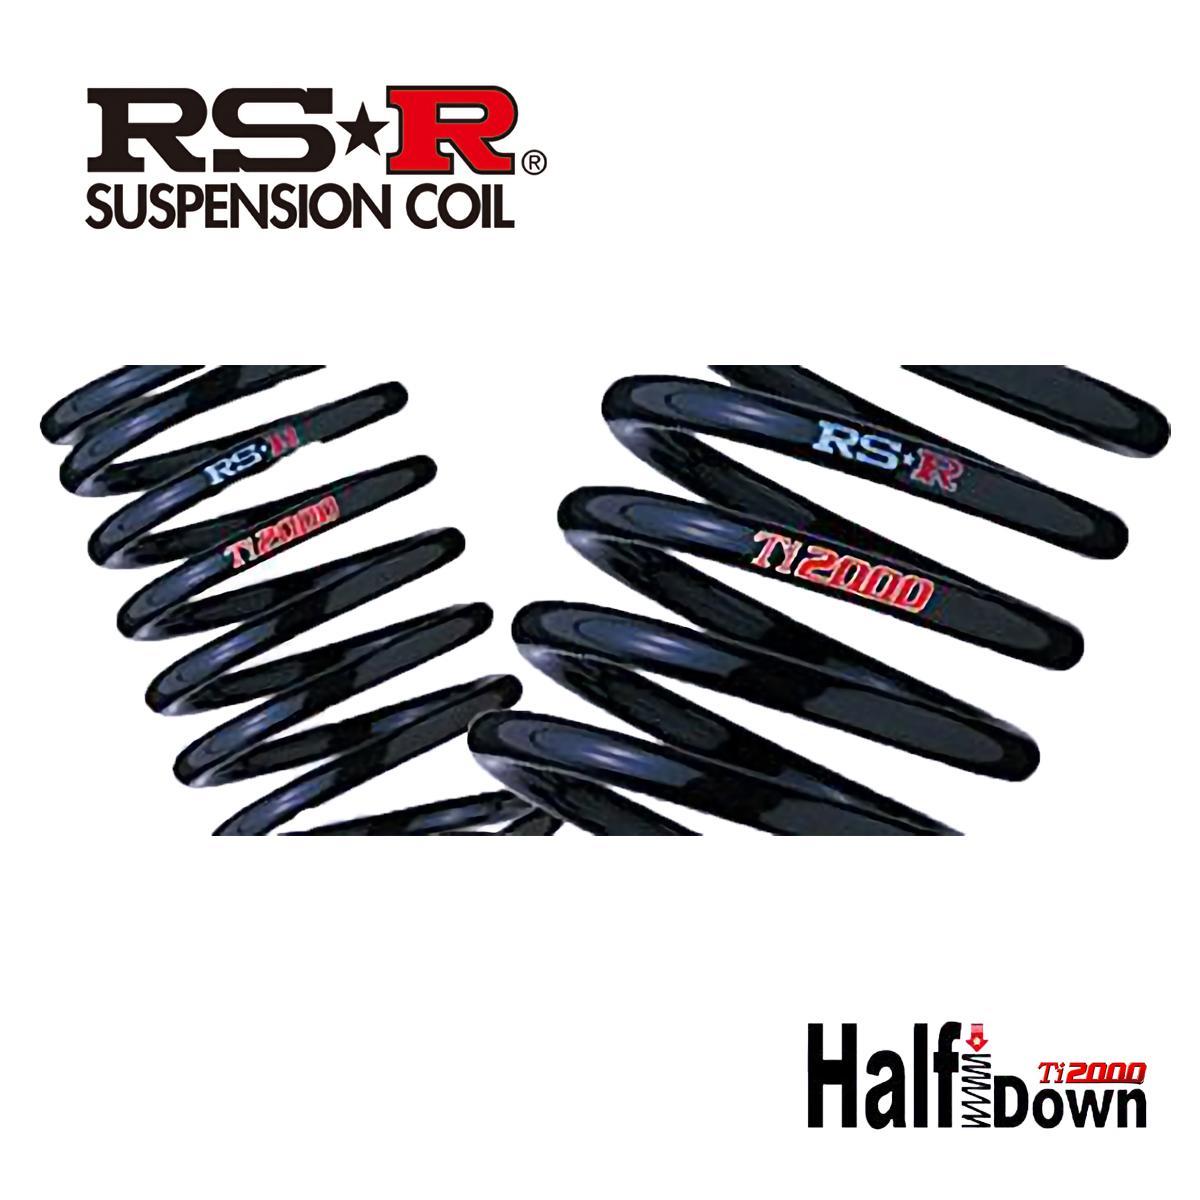 RS-R レクサス GS450h GWL10 ダウンサス スプリング フロントのみ T175THDF Ti2000 ハーフダウン RSR 個人宅発送追金有